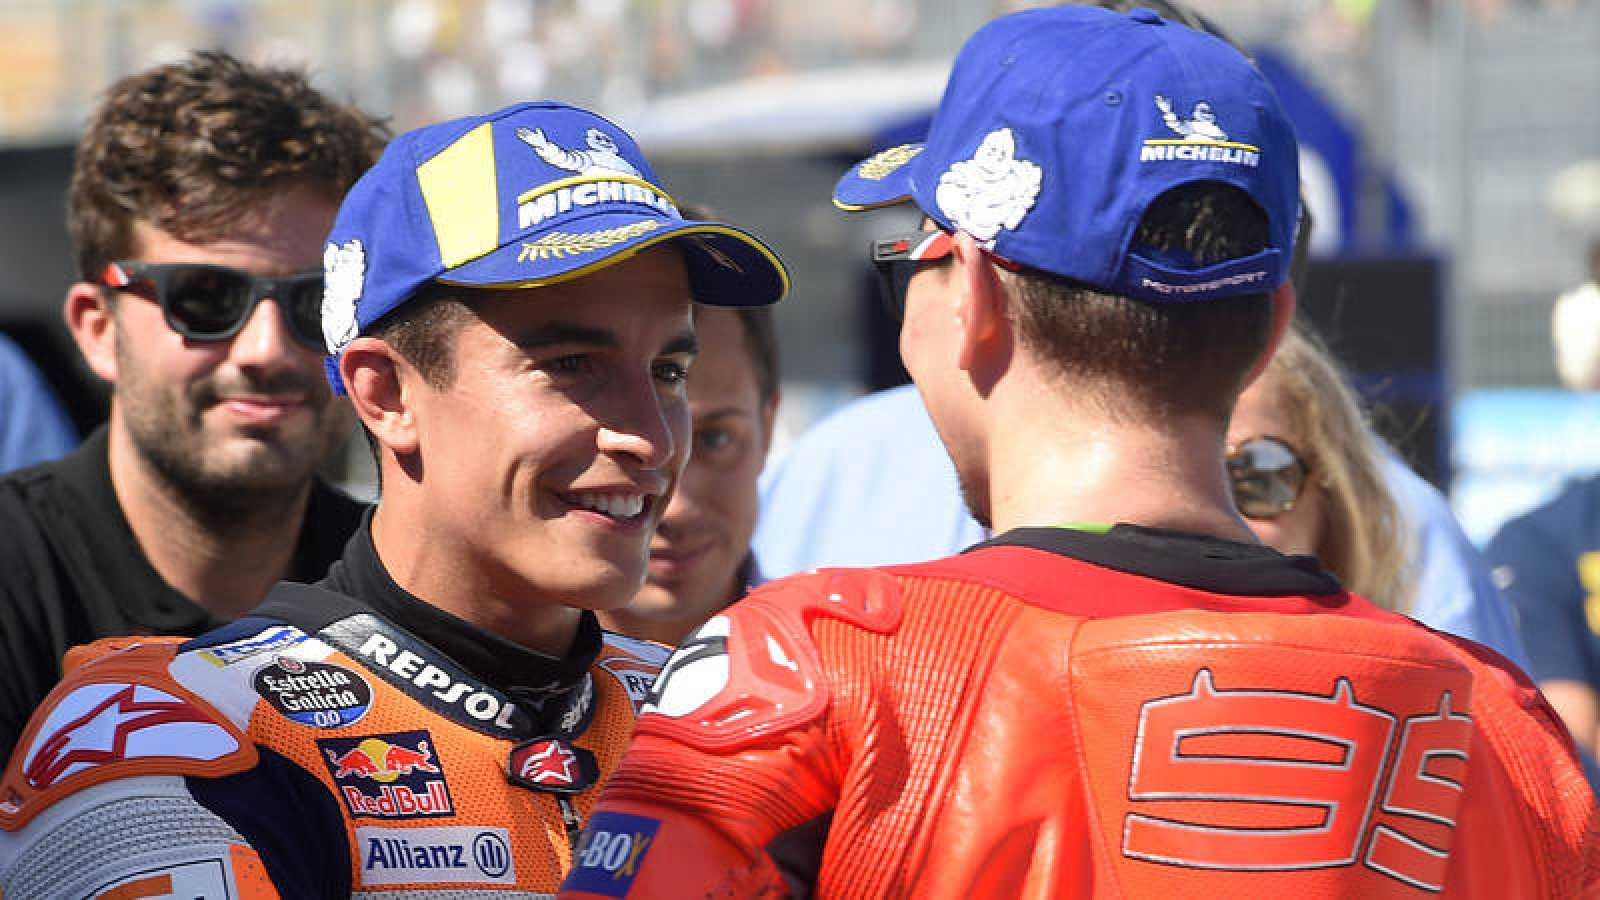 GP de Aragón de MotoGP: Marc Márquez y Jorge Lorenzo